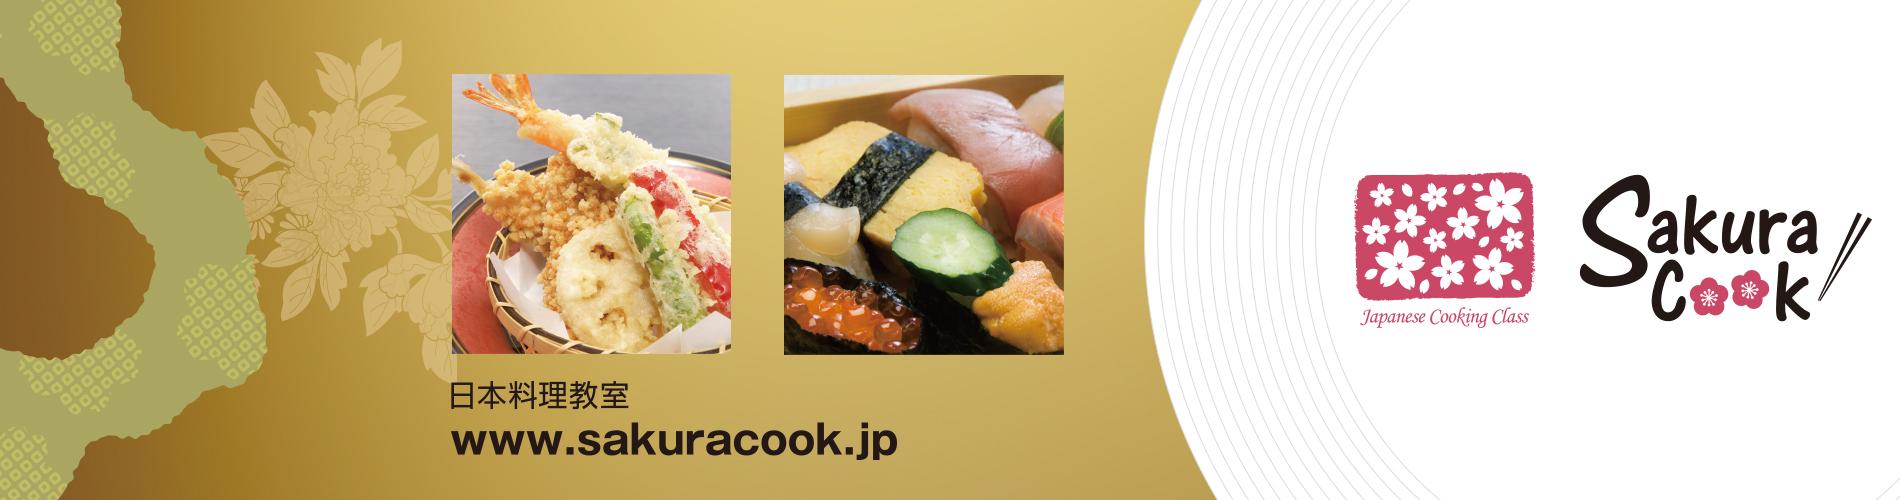 日本料理教室 Sakura cook